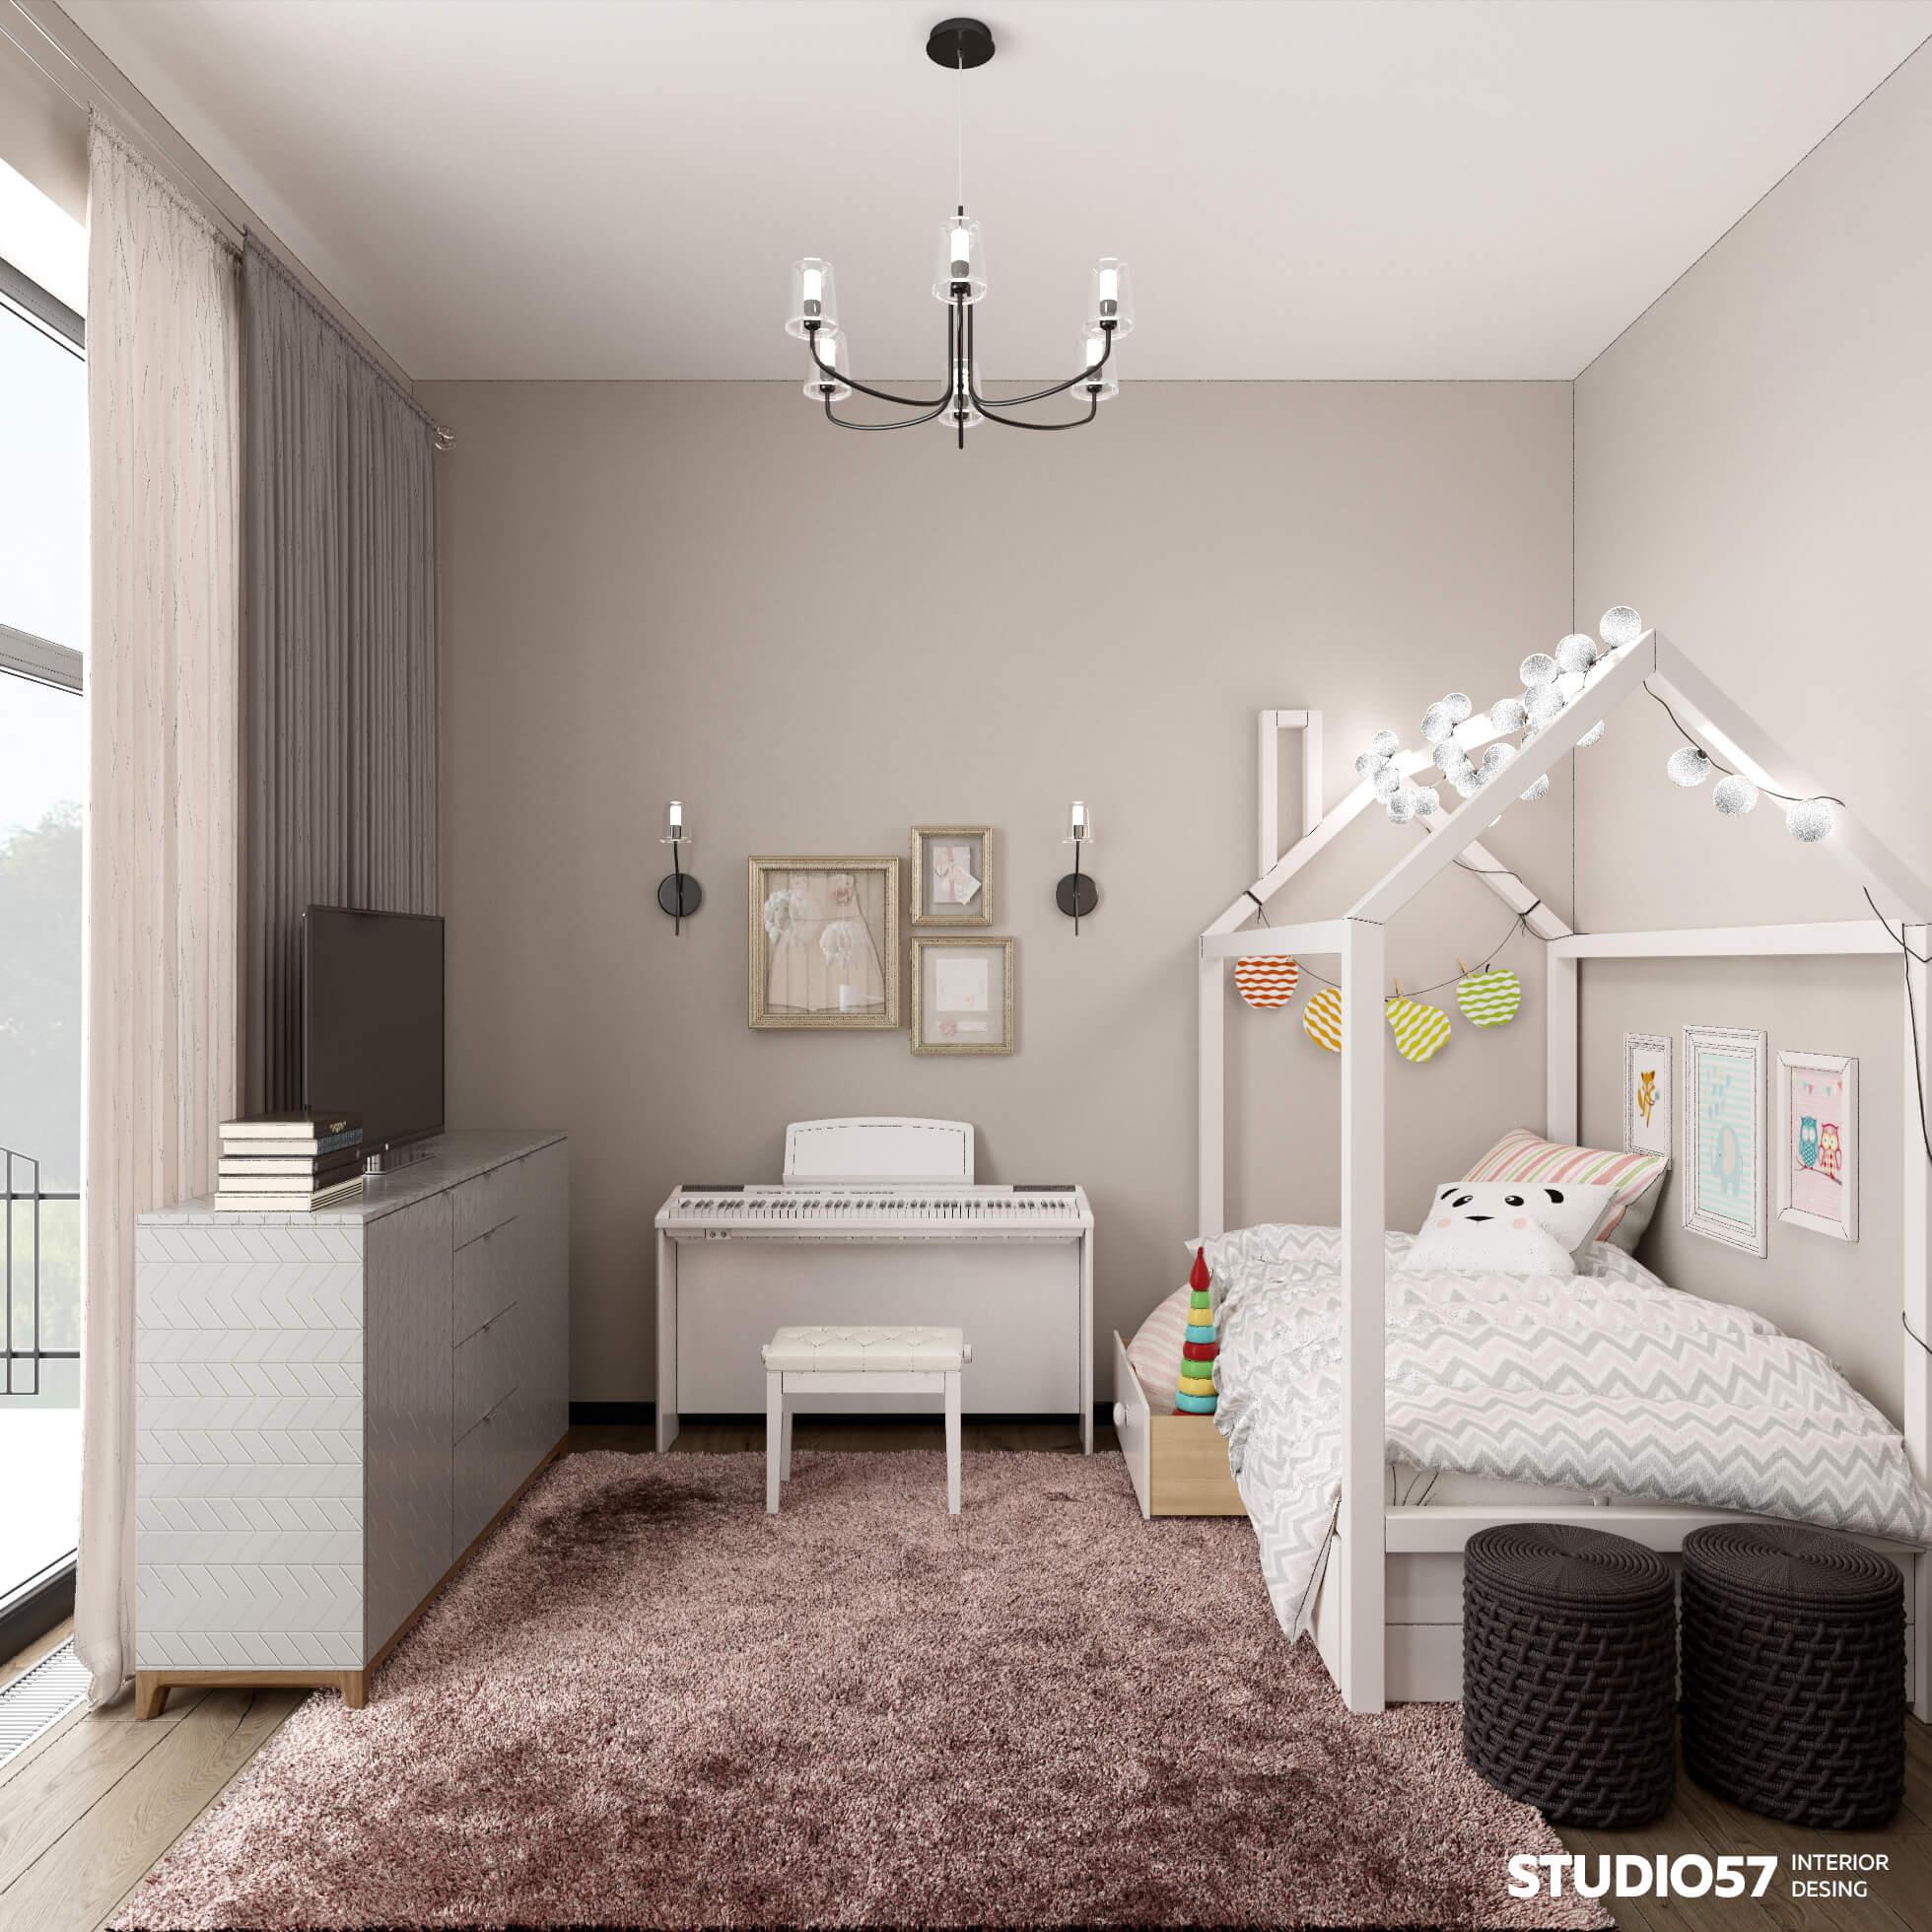 Фотография светлой детской комнаты